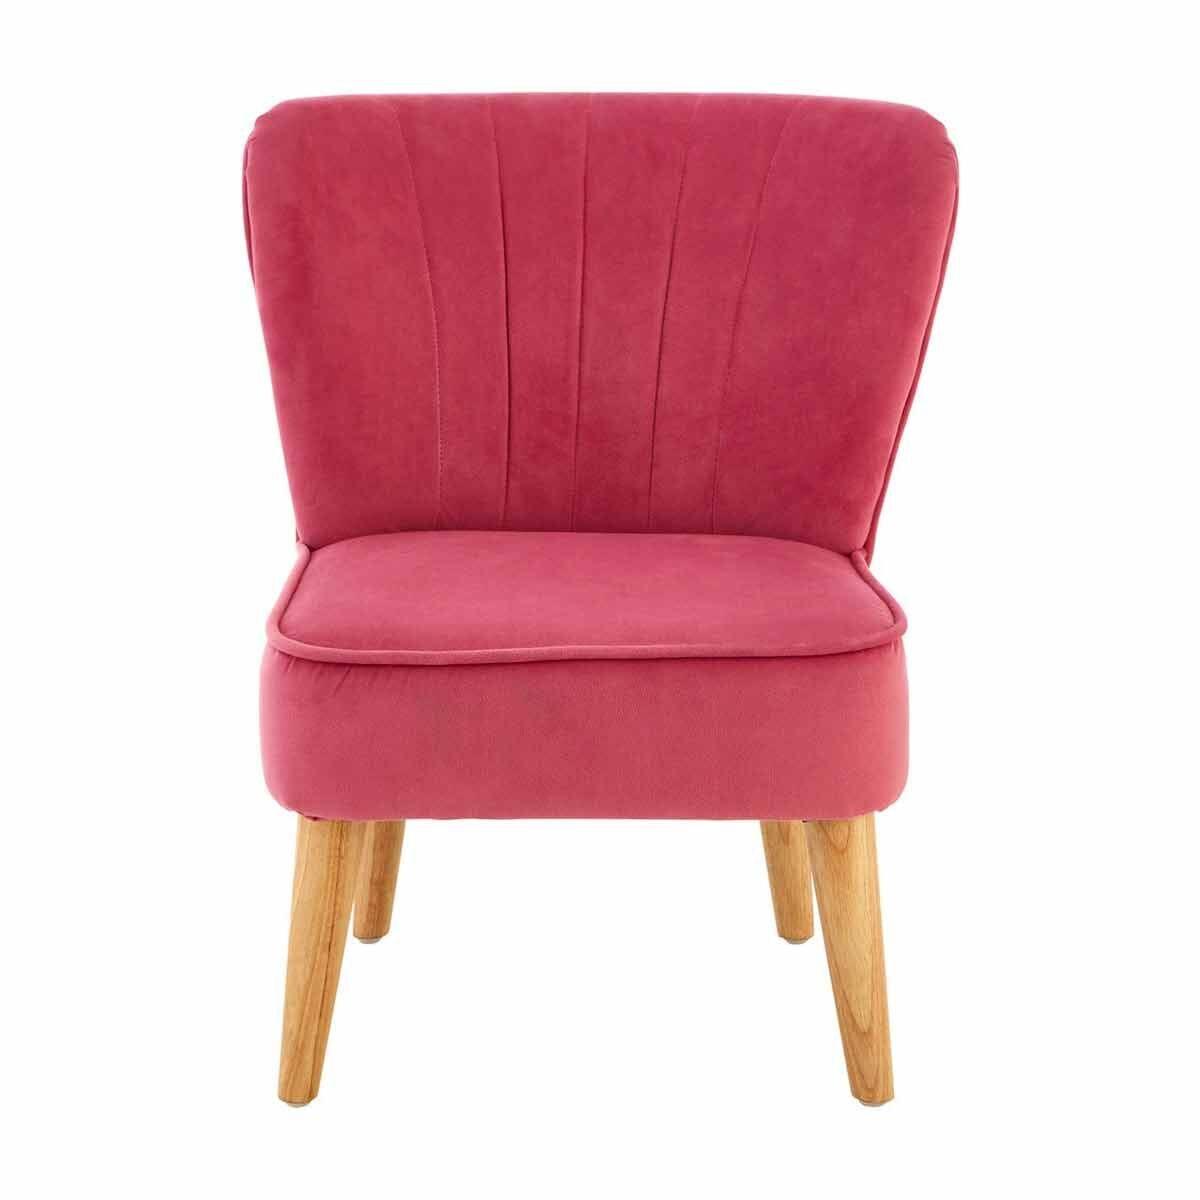 Premier Kids Mia Velvet Chair